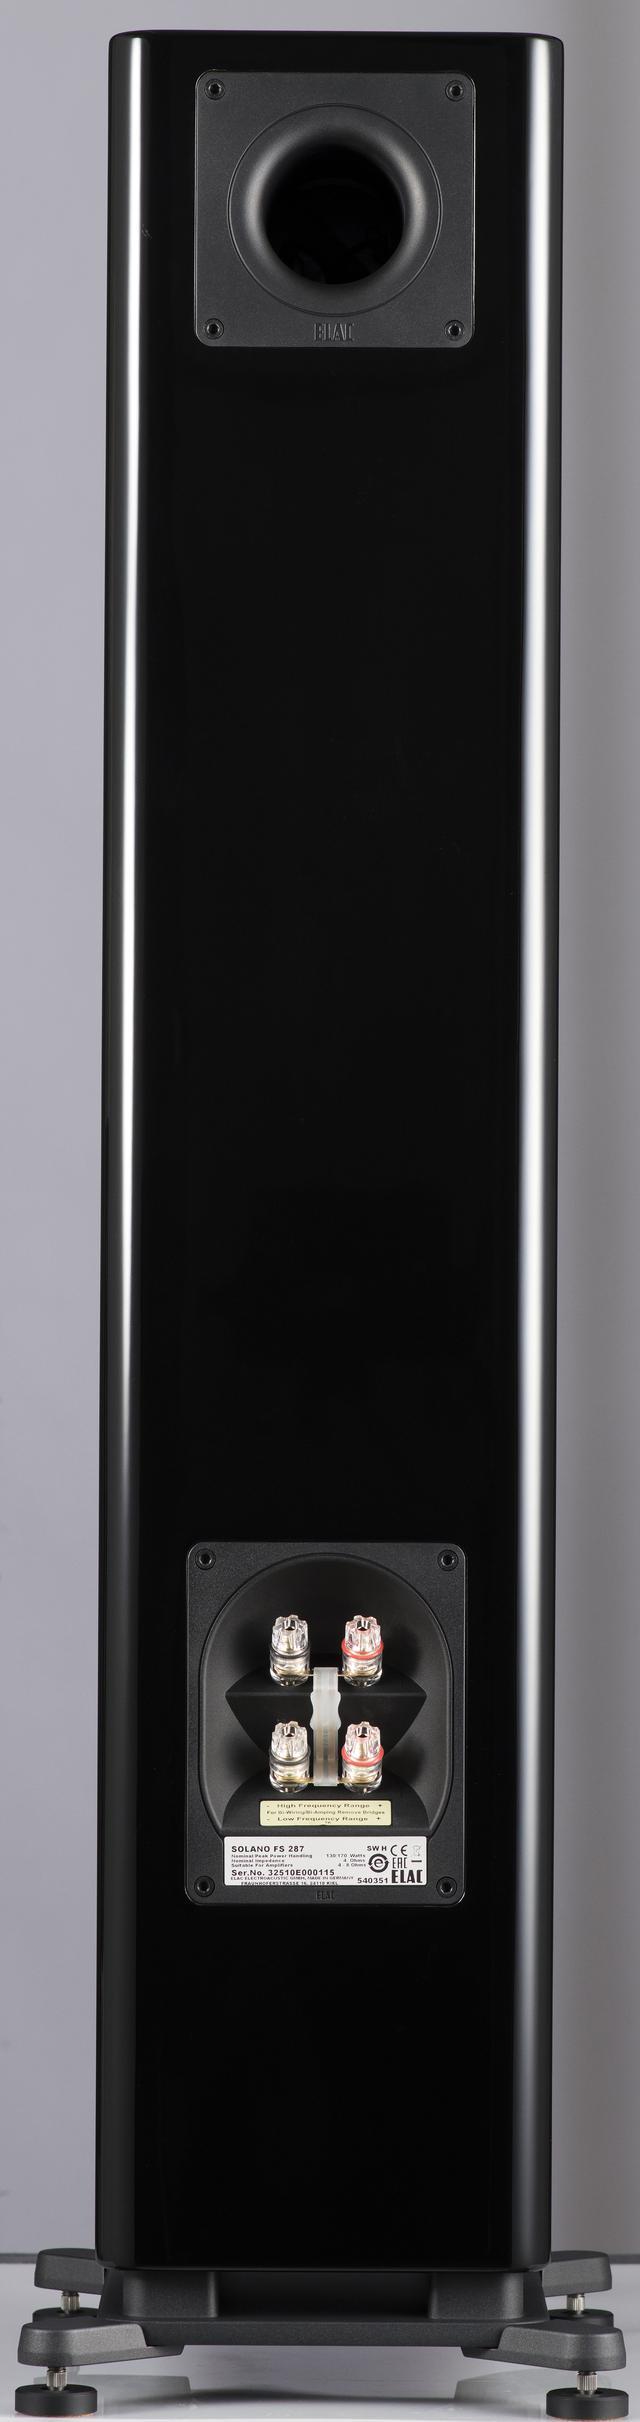 画像: 両モデルの背面。どちらもバスレフポートは壁の影響を受けにくいダウンファイヤータイプを採用している(FS287は上部にもうひとつバスレフポートがある)。スピーカーターミナルは共通で、バイワイヤリング接続に対応。今回はシングル/バイワイヤリング接続の両方を試した。また、ジャンパープレートを自作ケーブルに交換するだけでも音質向上効果を期待できる